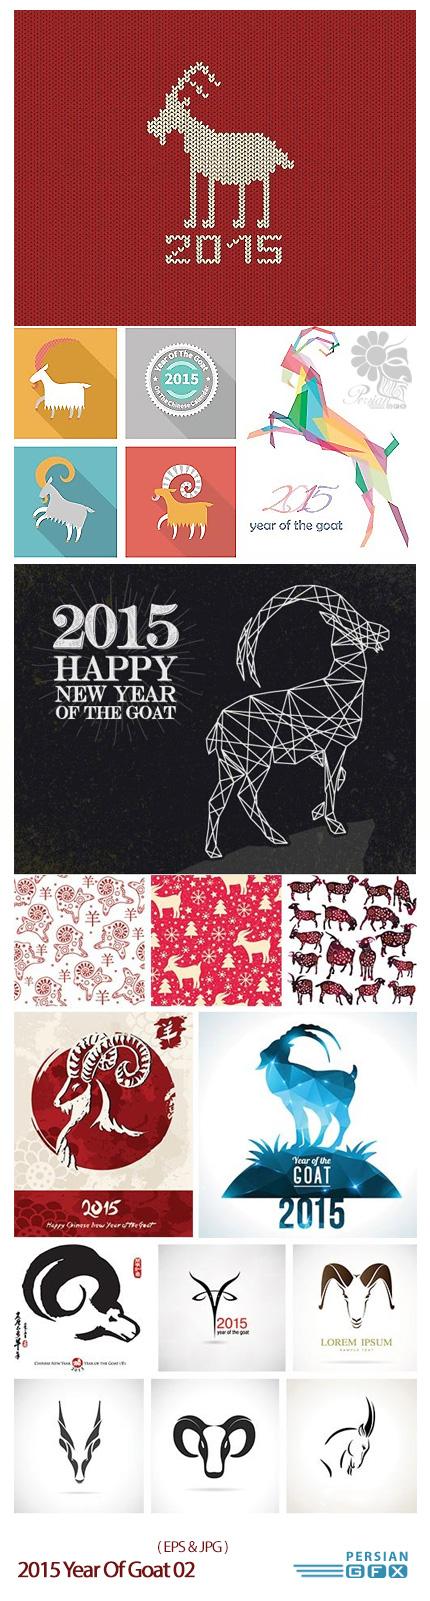 دانلود تصاویر وکتور بز نماد سال 2015 - 2015 Year Of Goat 02